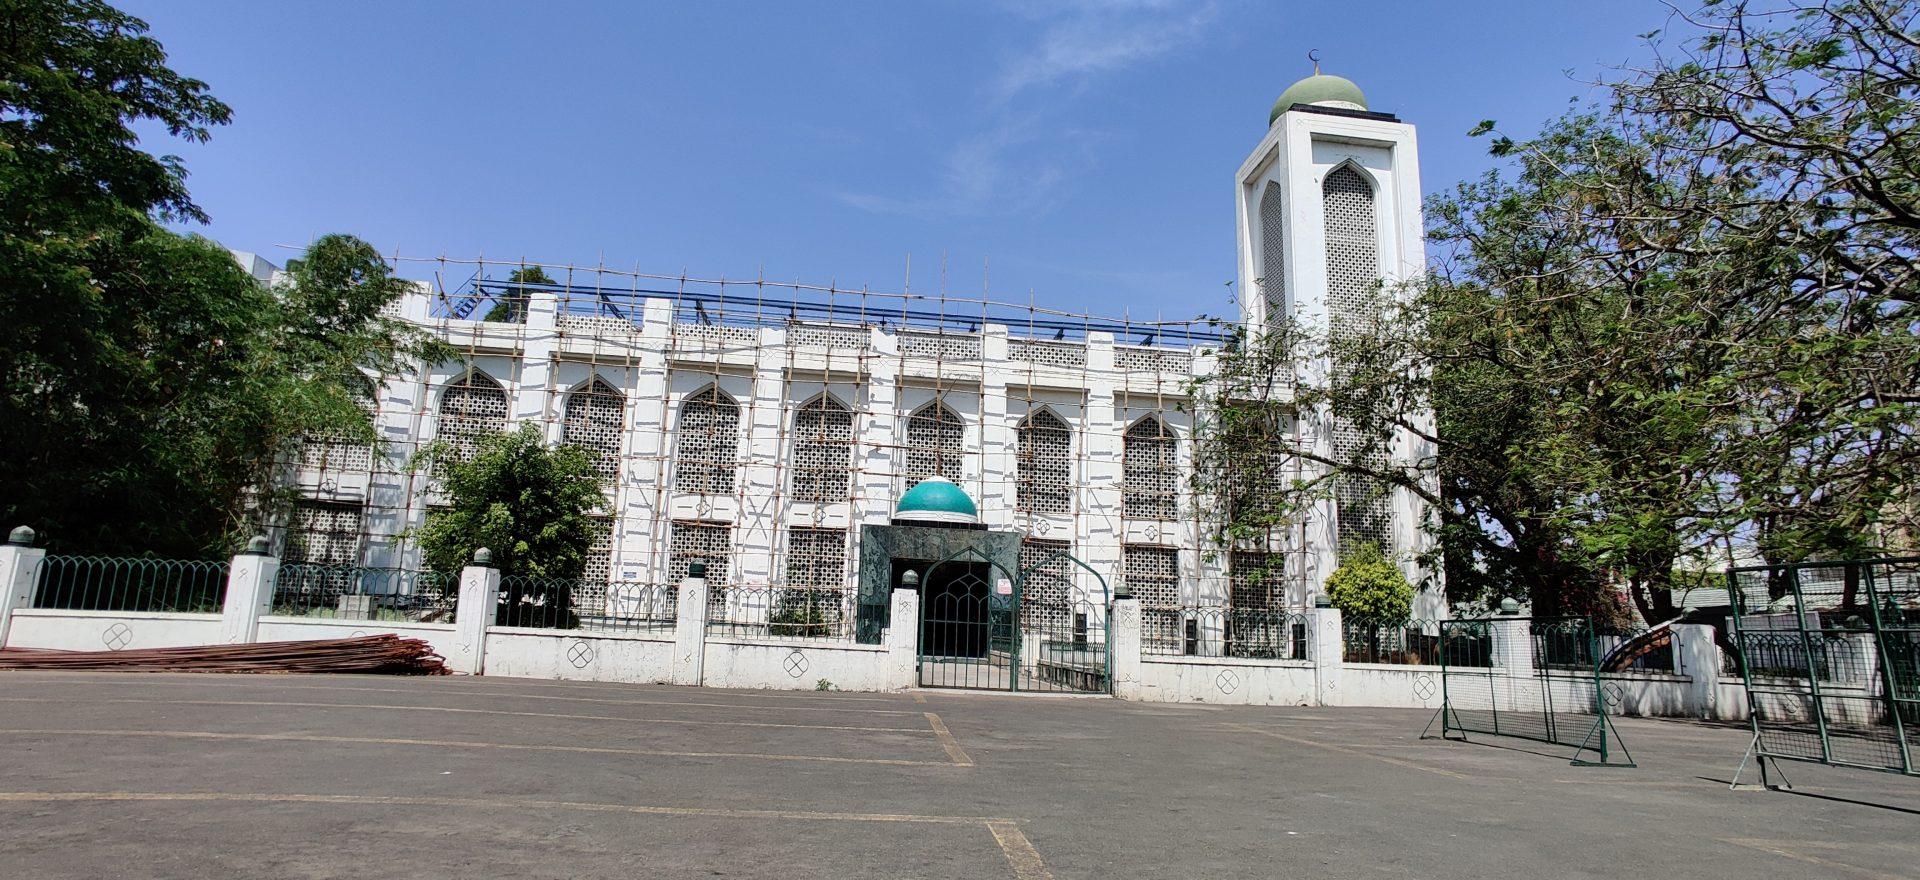 बकरी ईद च्या दिवशी आझम कॅम्पस मशिदीत ' नमाज' चे 'फेसबुक लाईव्ह' पठण